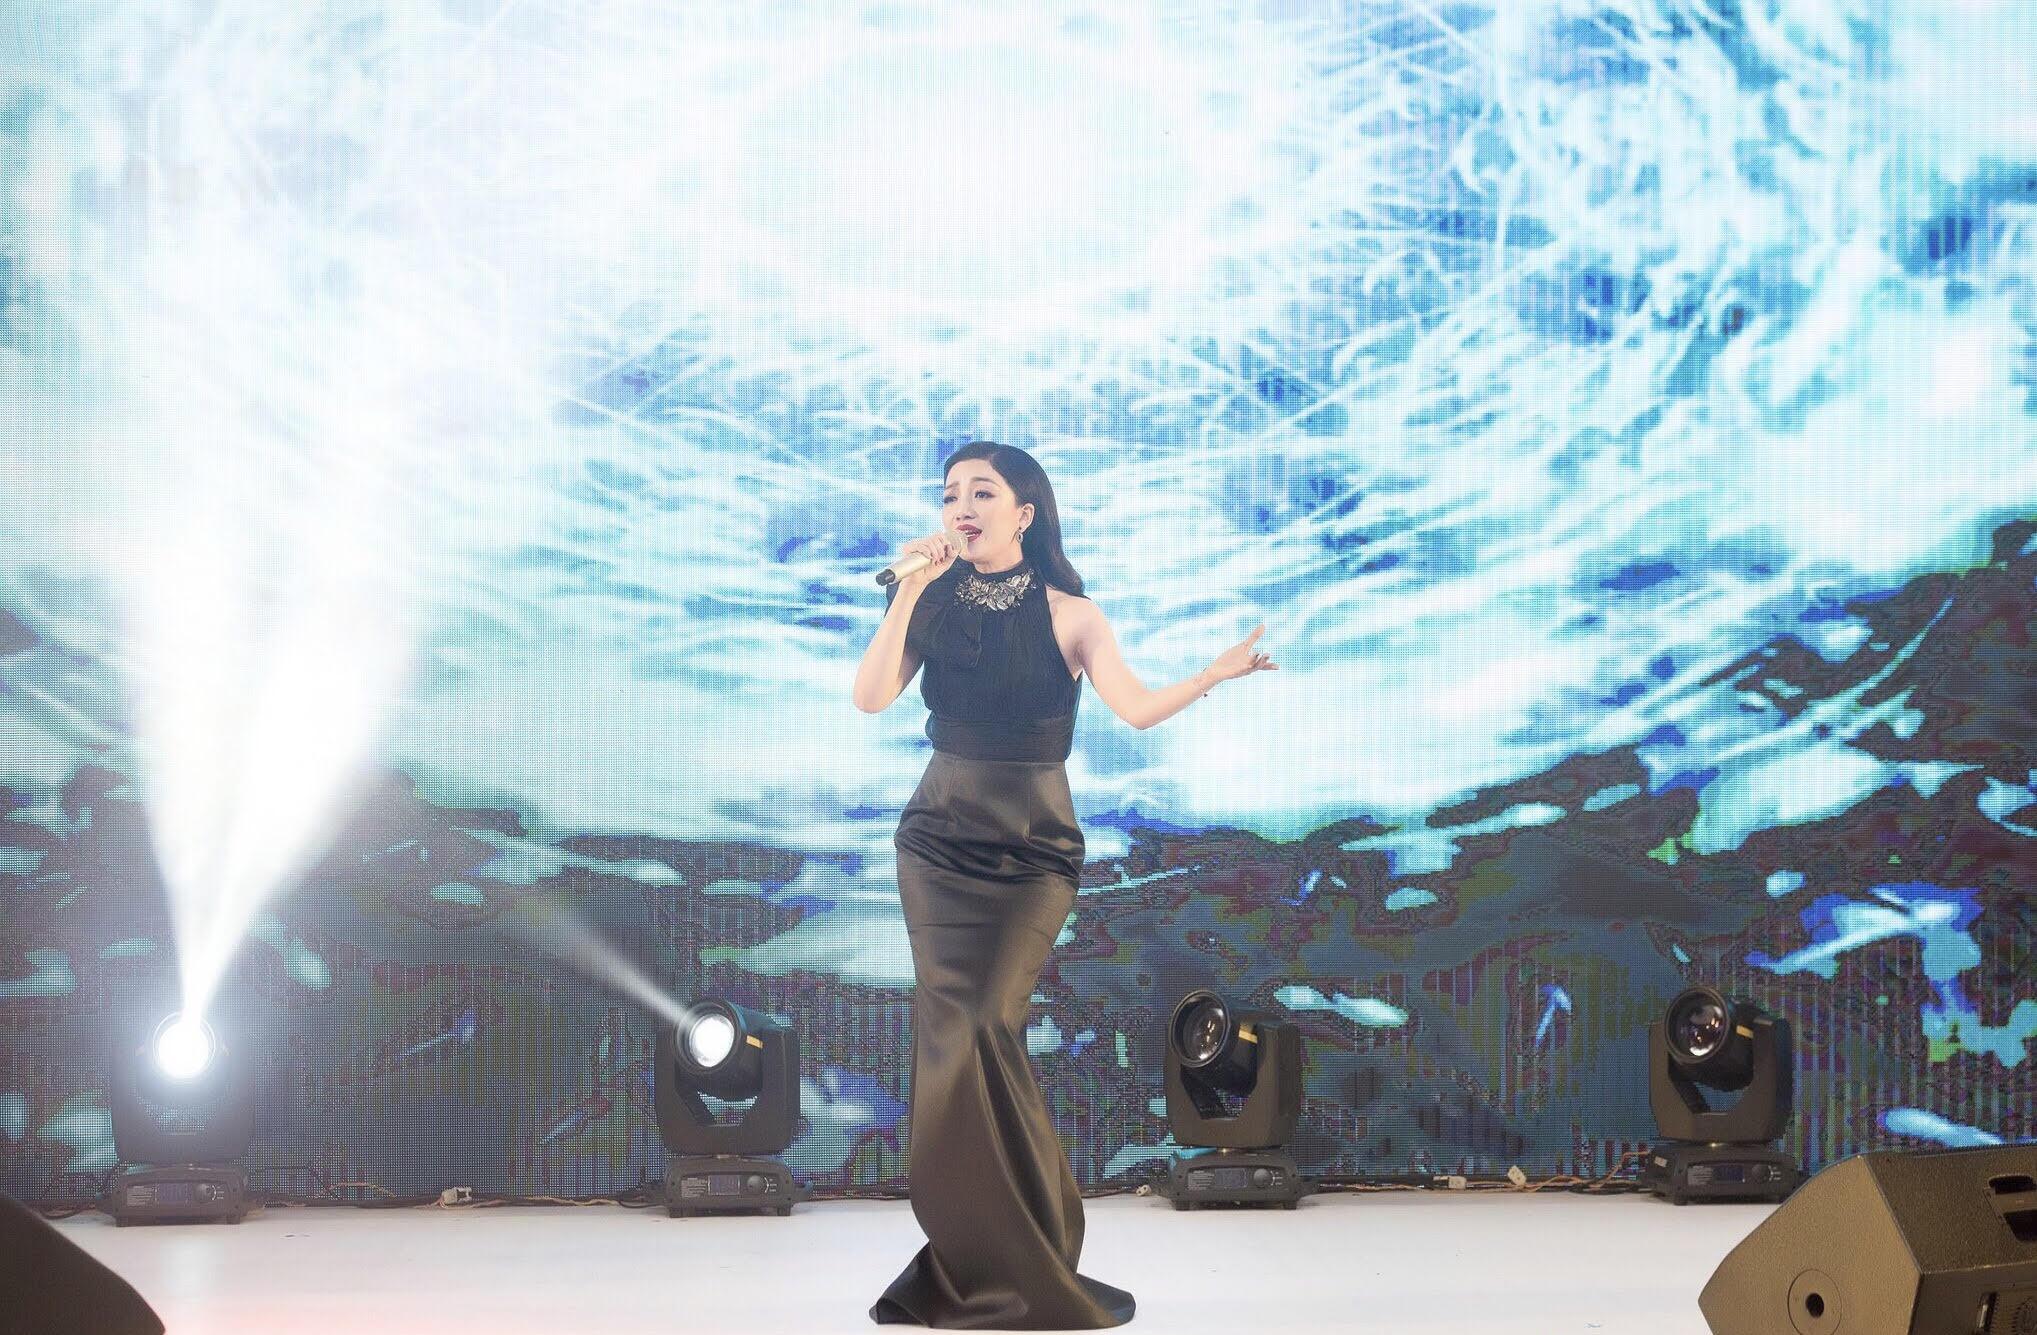 Ngẩn ngơ ngắm nhan sắc ca sĩ Phạm Thu Hà lộng lẫy trong sự kiện 4